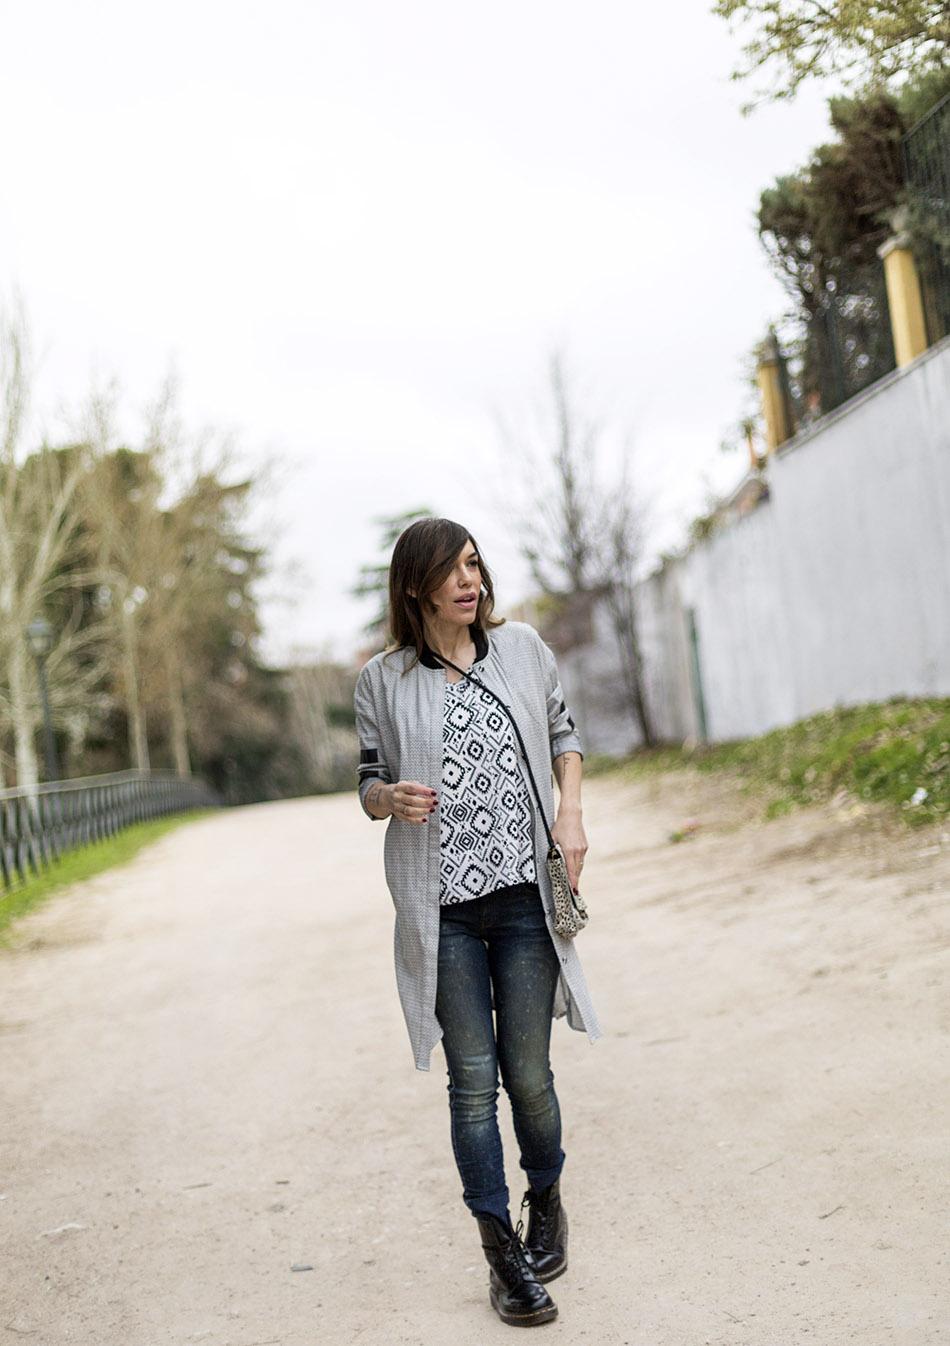 look de street style con camisa larga de inspiración baseball, top de print étnico en blanco y negro, jeans y doctor martens. bárbara crespo